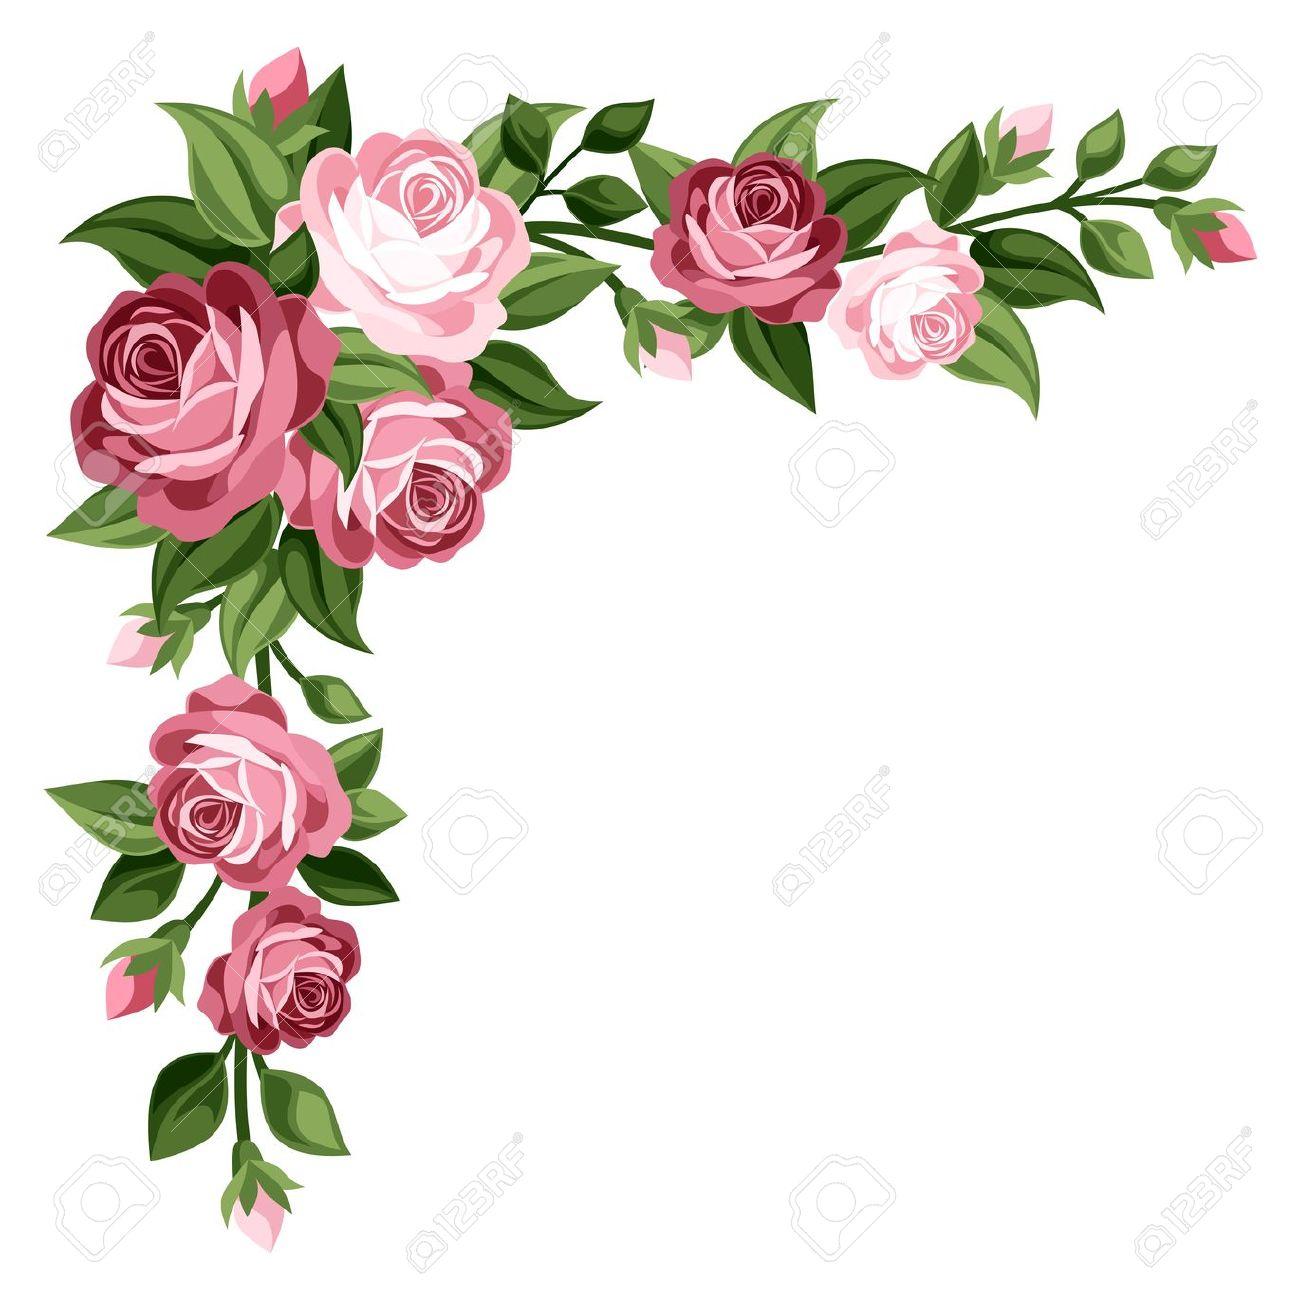 1300x1300 Rose Flower Border Clipart